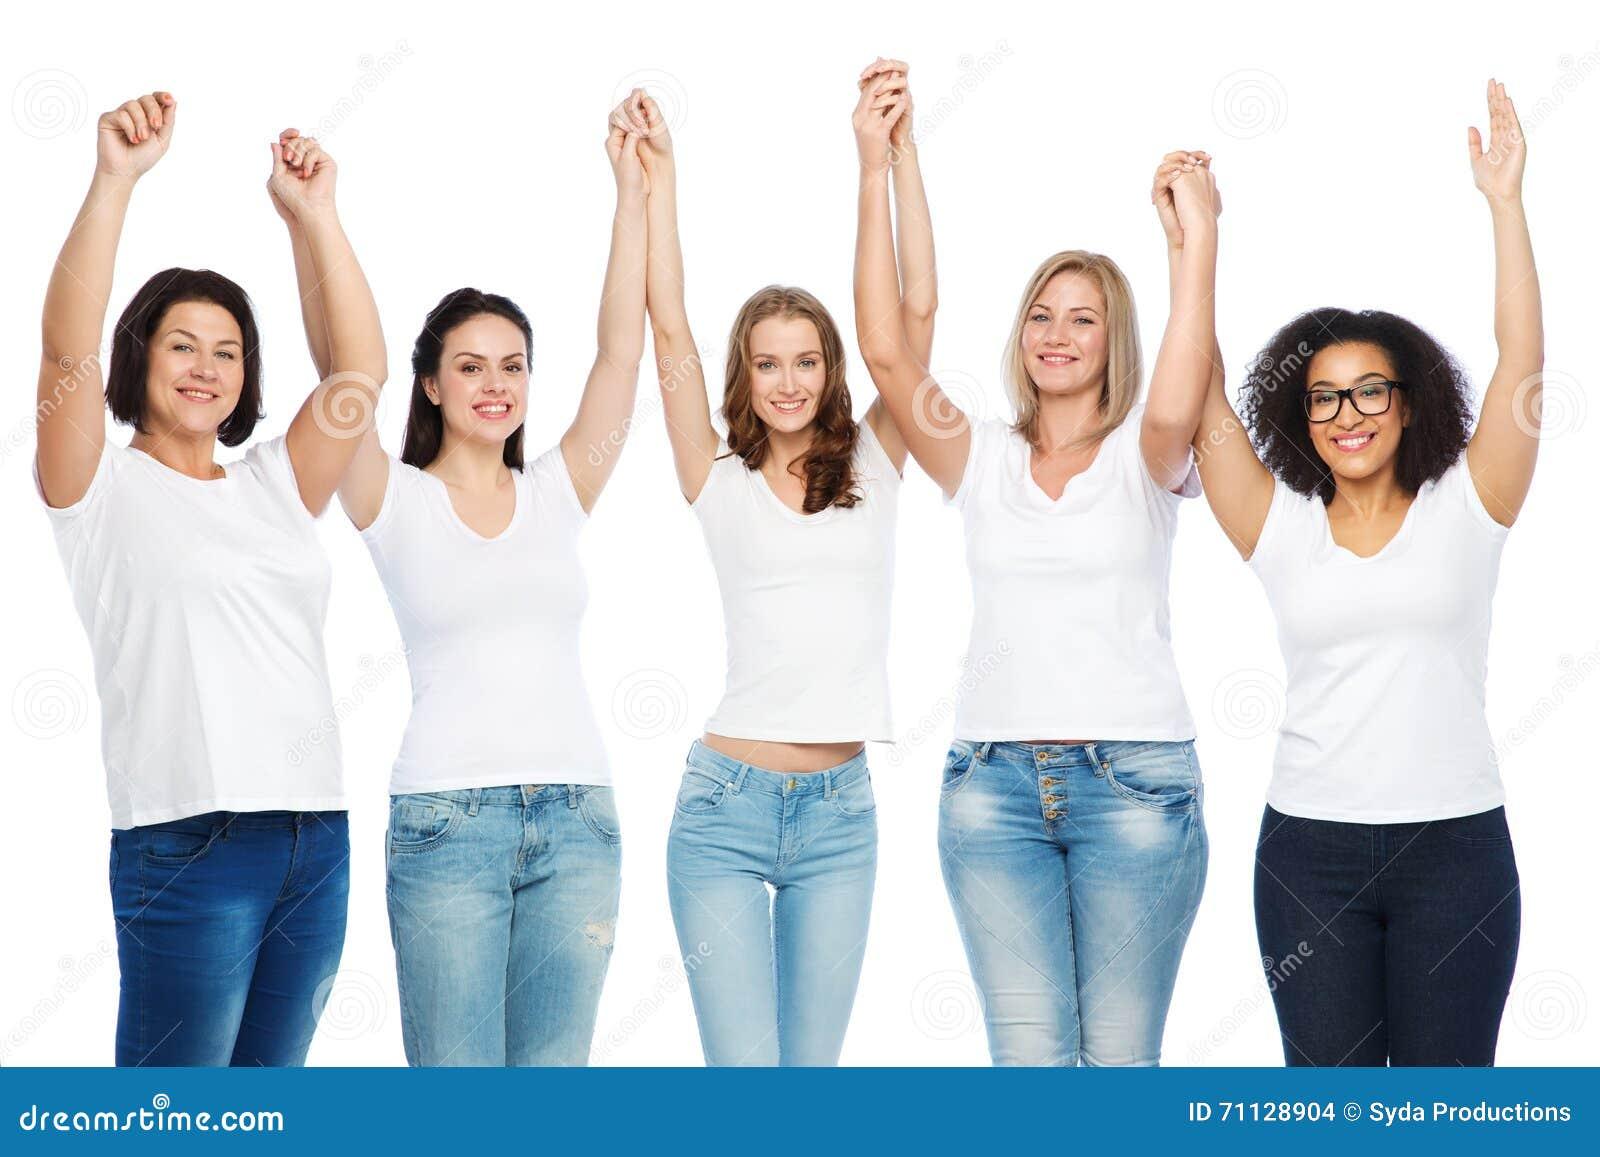 b203cafcd68 Amistad, positivo diverso, del cuerpo y concepto de la gente - grupo de  diversas tallas de mujeres felices en las camisetas blancas que levantan  las manos